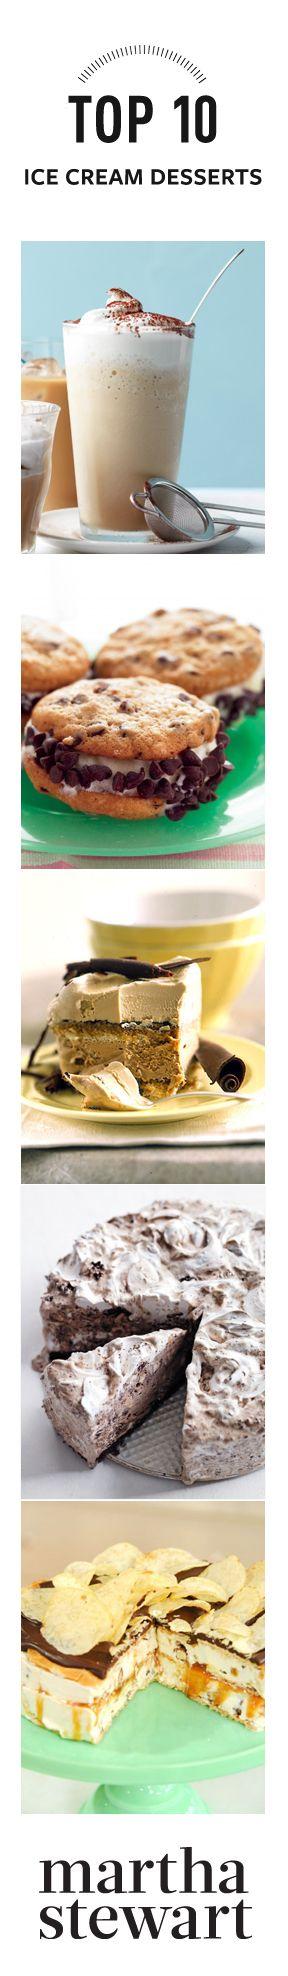 Top 10 Ice Cream Desserts from Martha Stewart